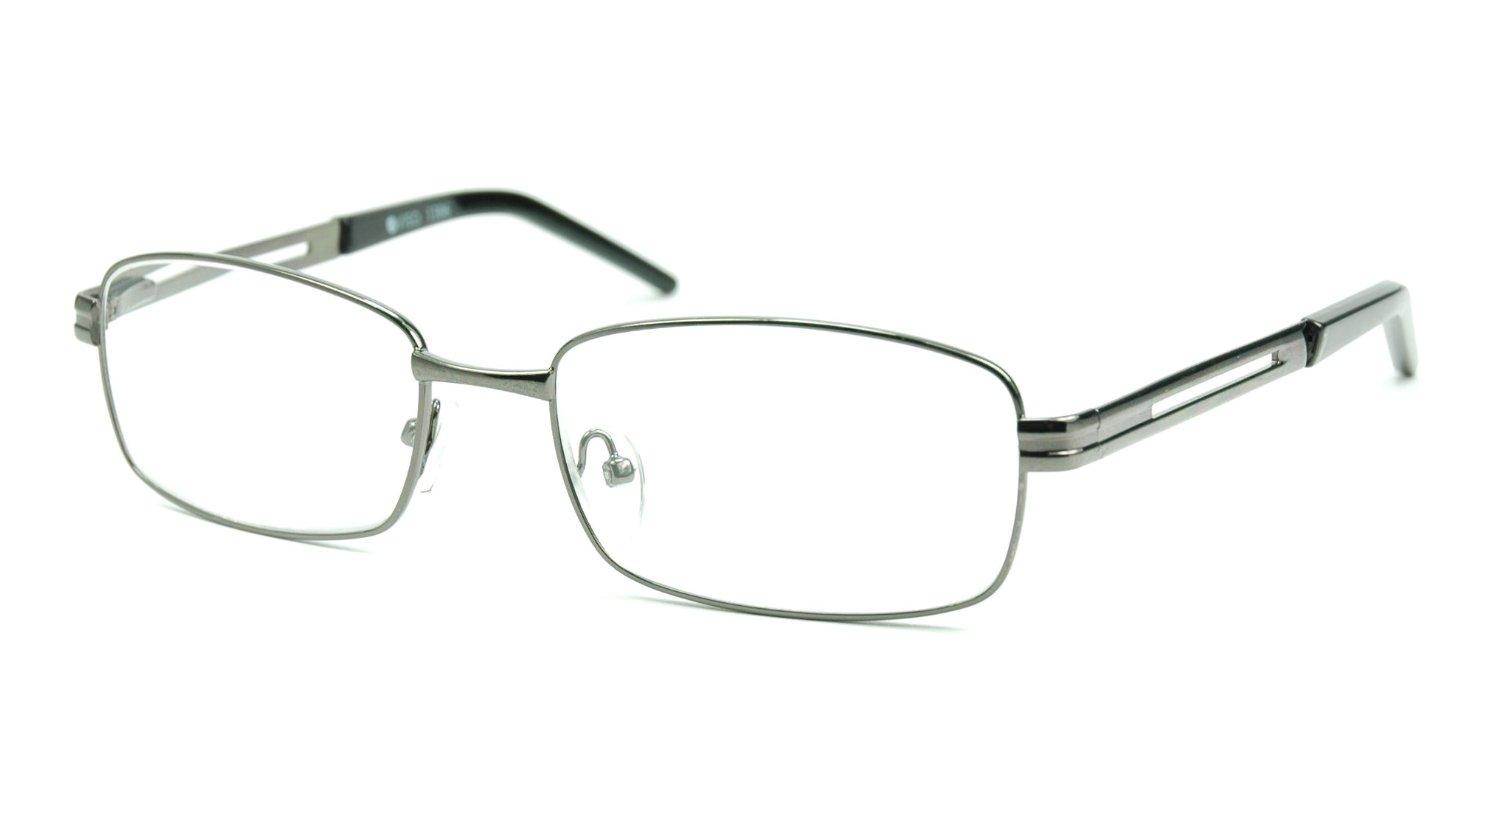 Image of Visa Reading Glasses (#111306) Gun